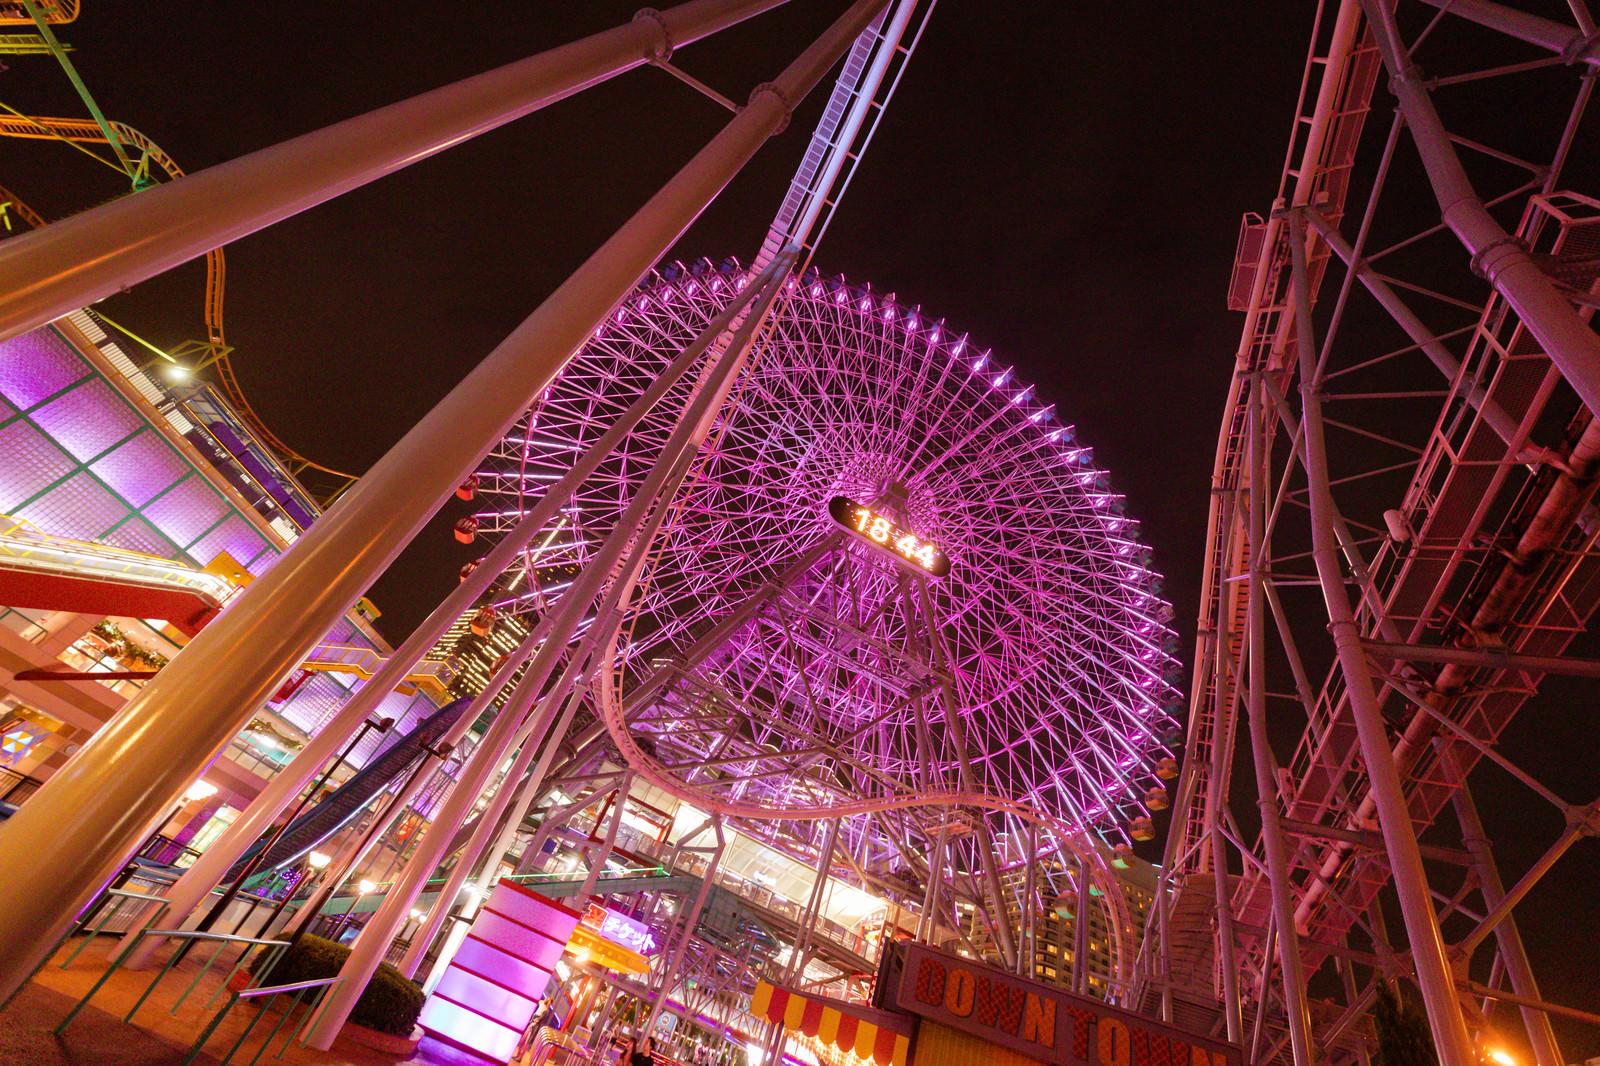 「横浜コスモワールドの観覧車とコースターのレール」の写真